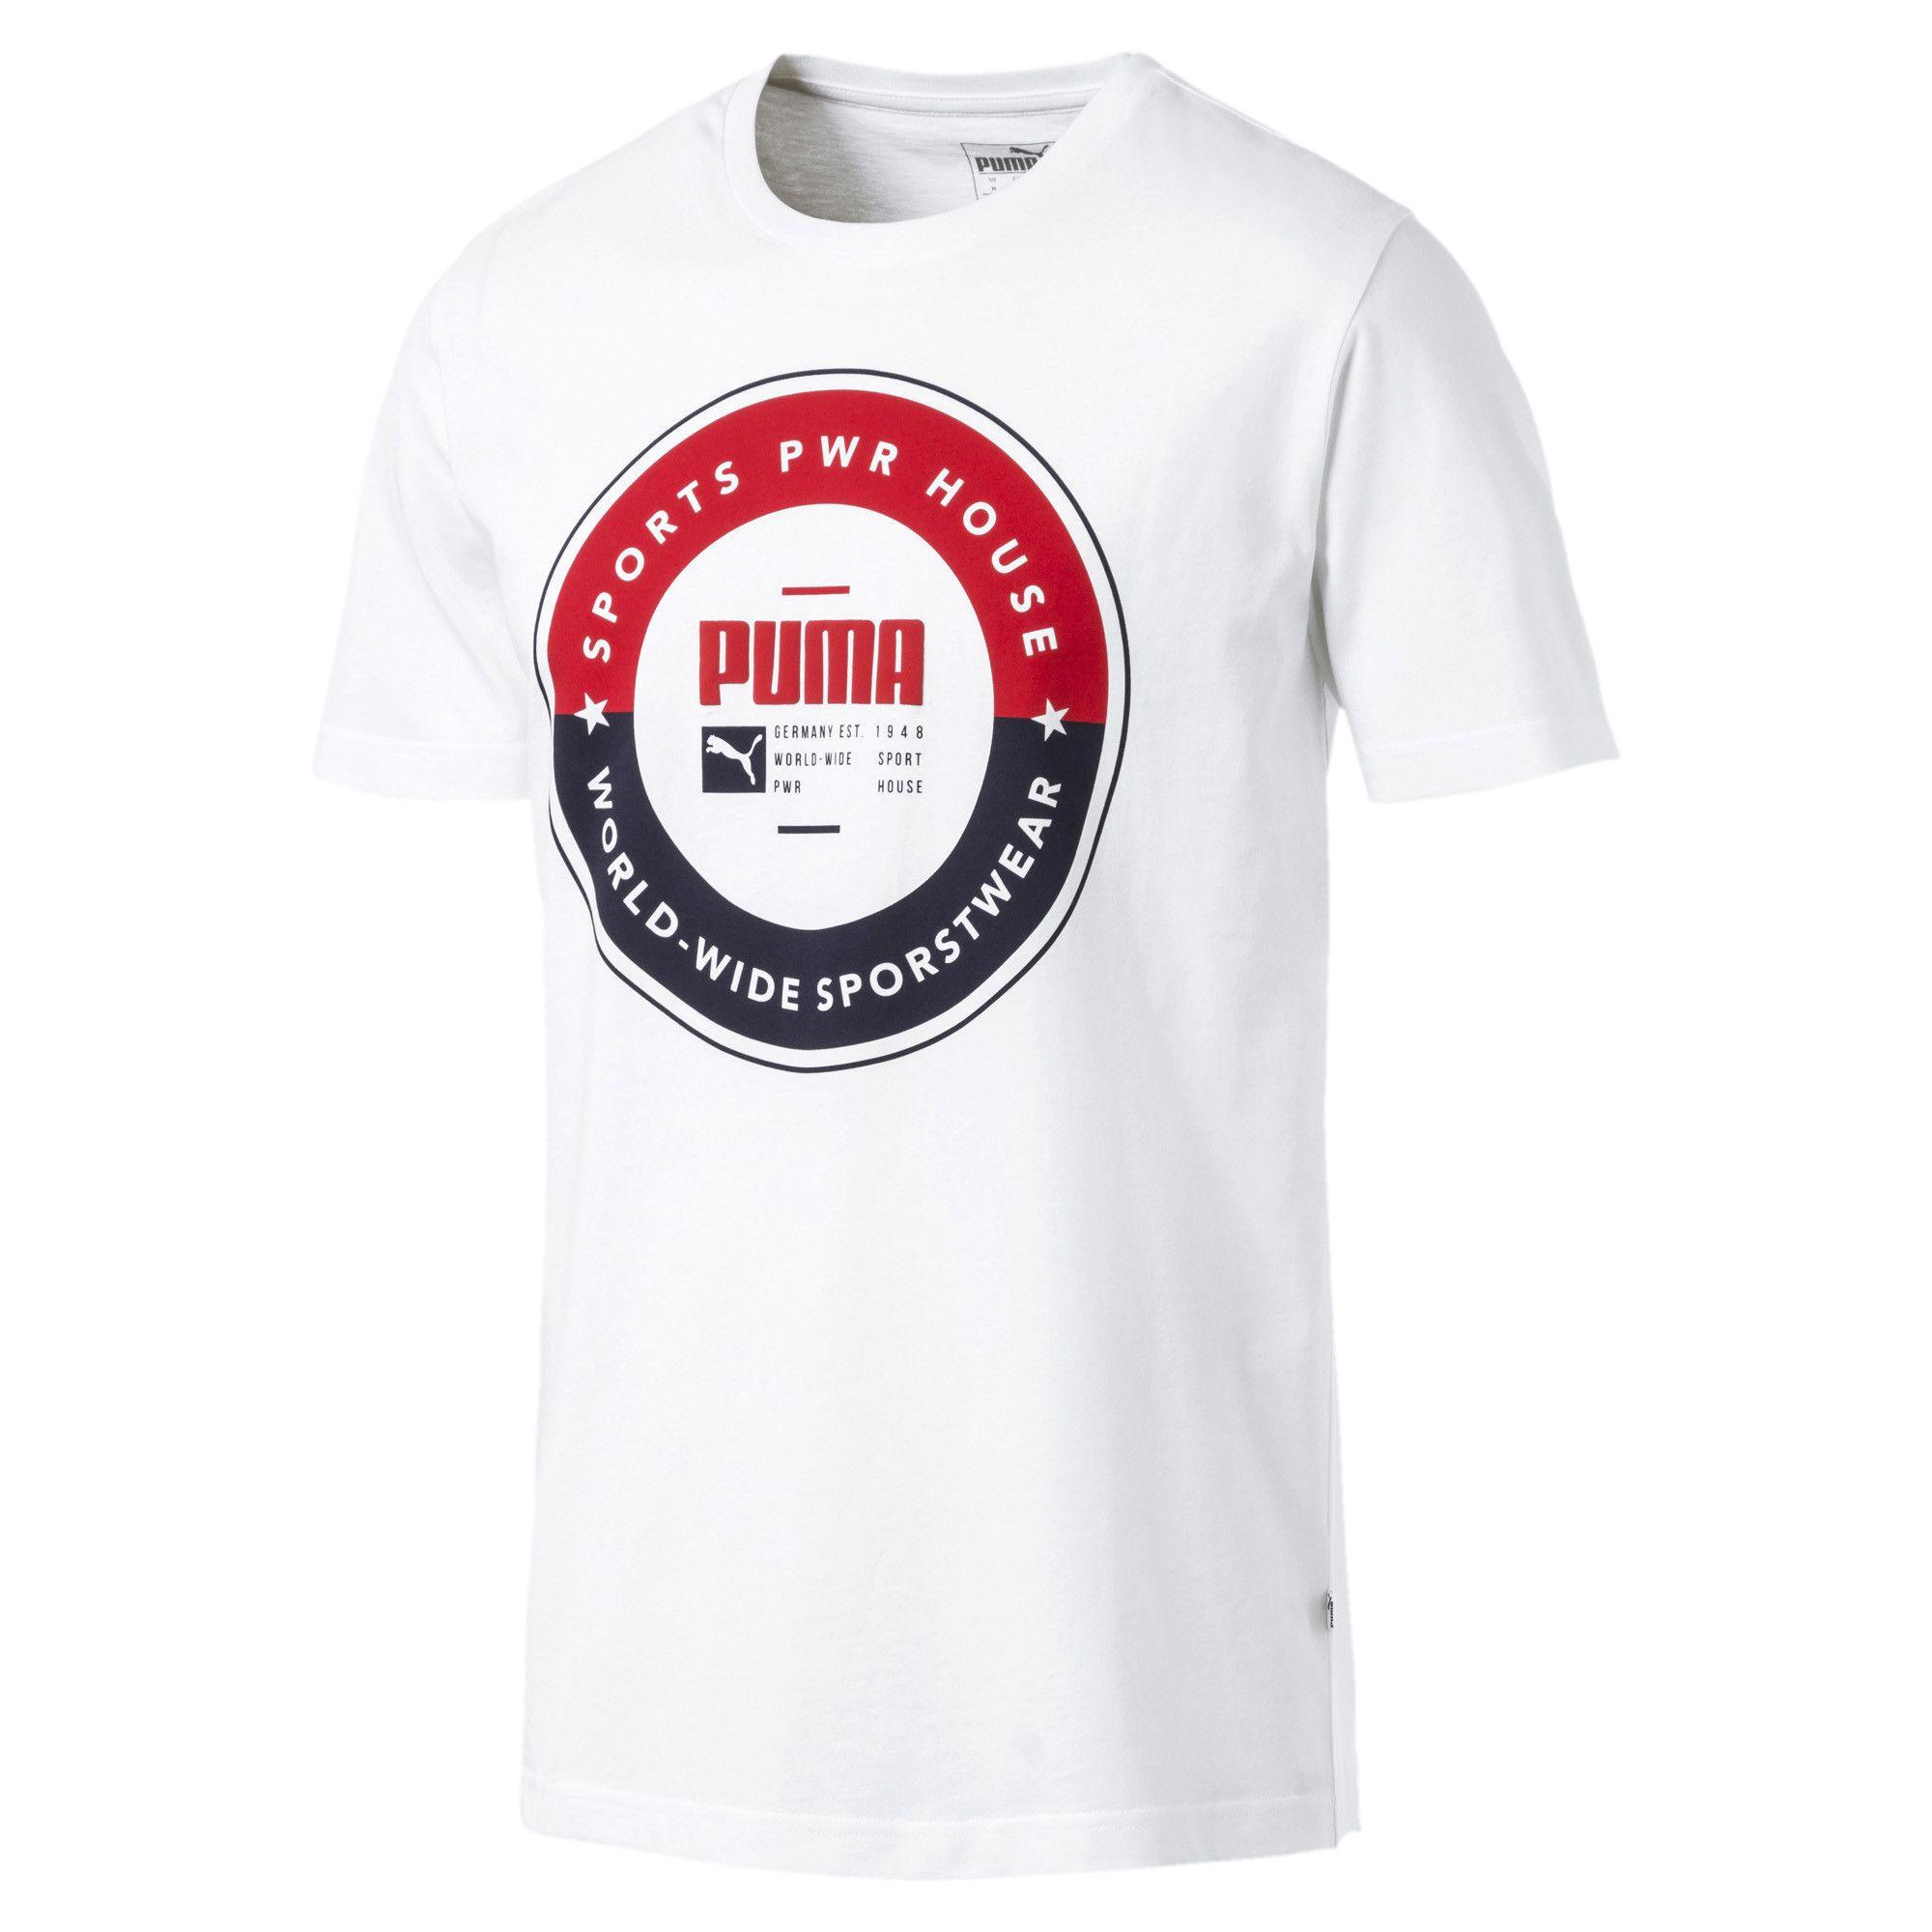 Camiseta Masculina Puma Sp Execution